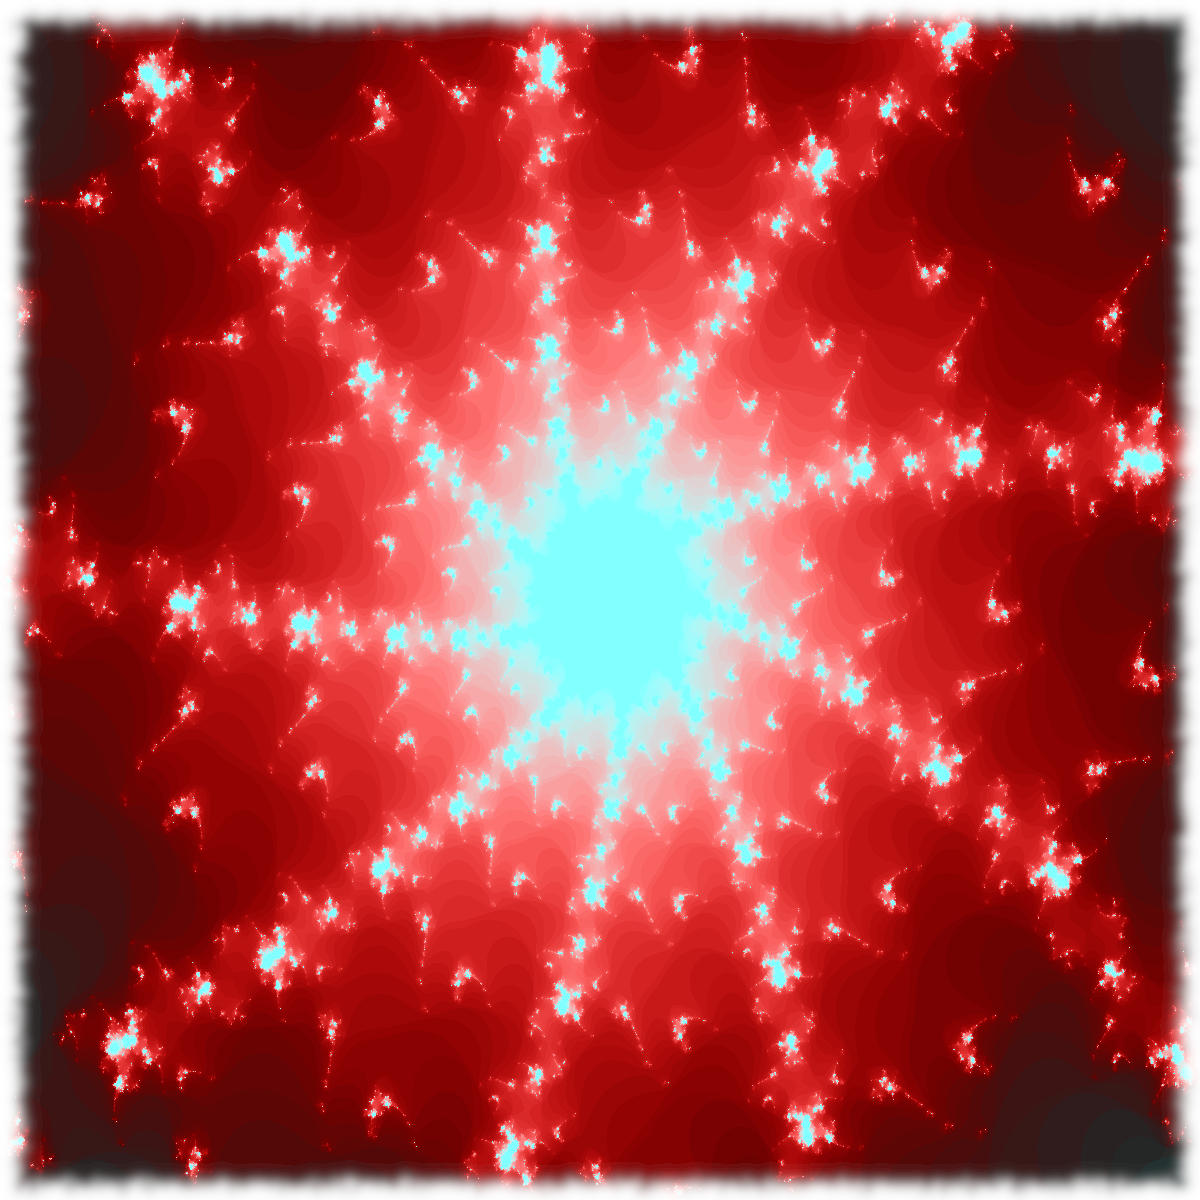 Red fractal